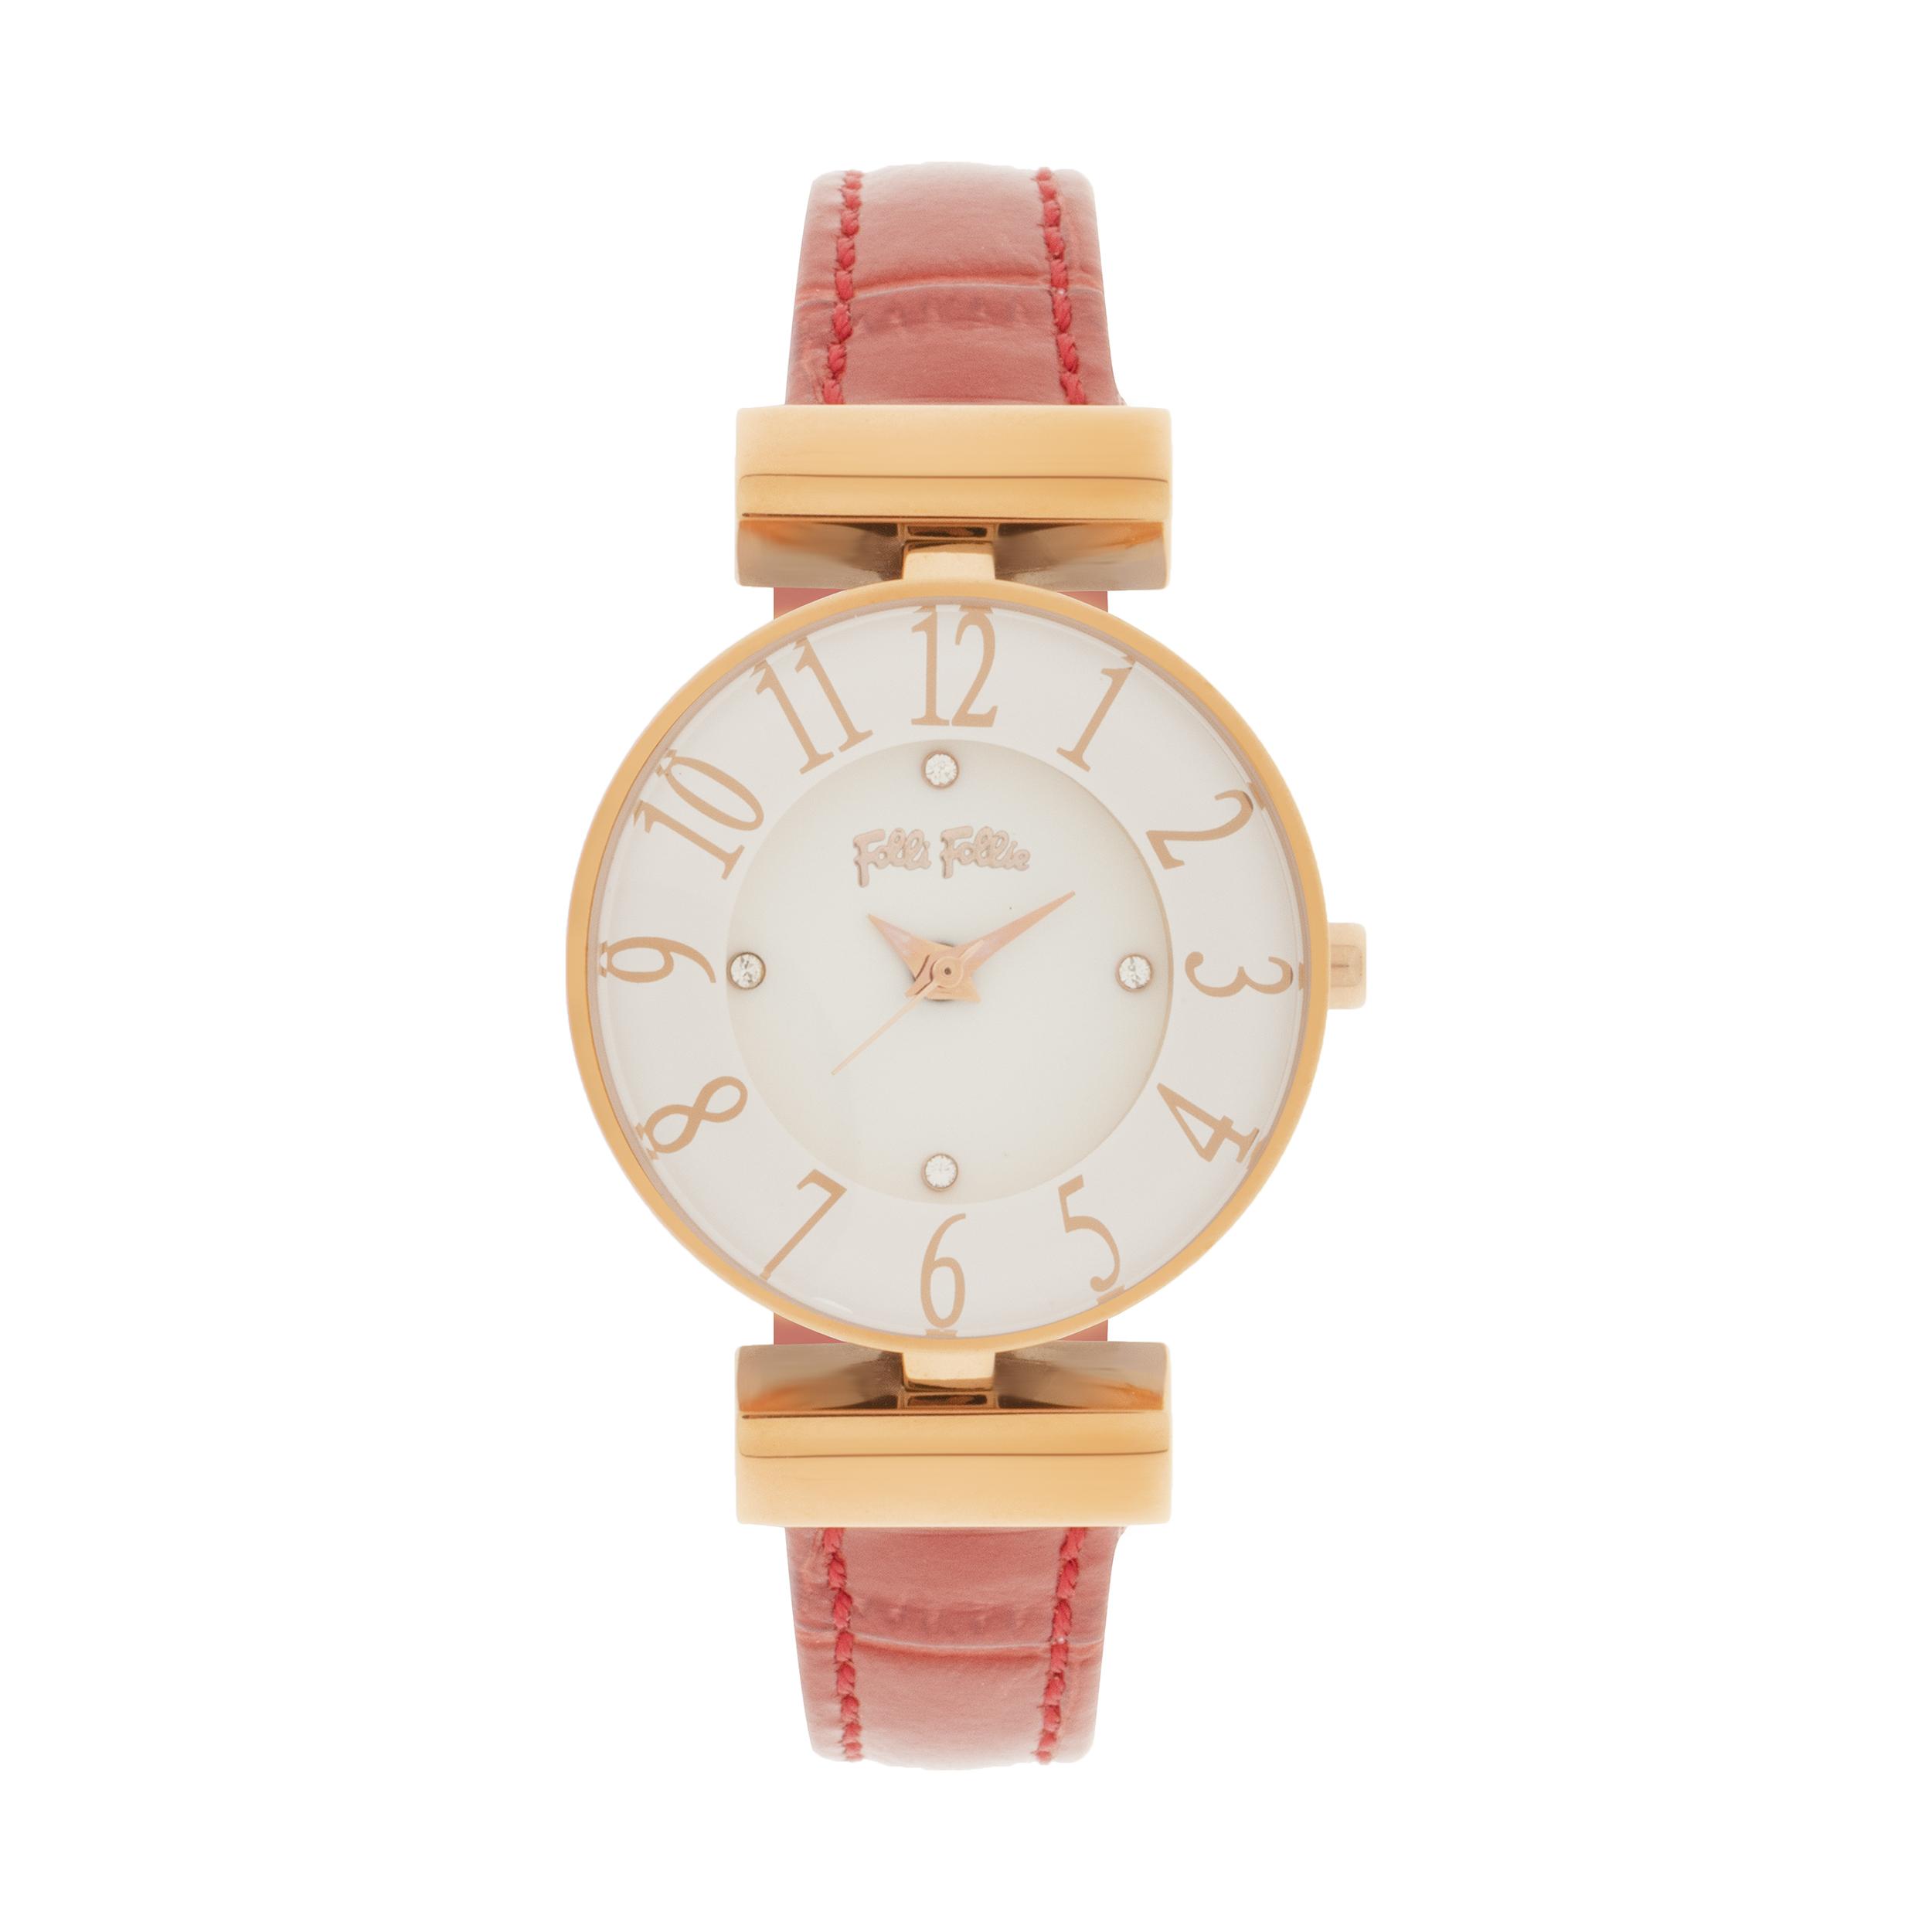 ساعت مچی عقربه ای زنانه فولی فولیه مدل WF16R007SSW-RE (بدون جعبه اورجینال)              خرید (⭐️⭐️⭐️)